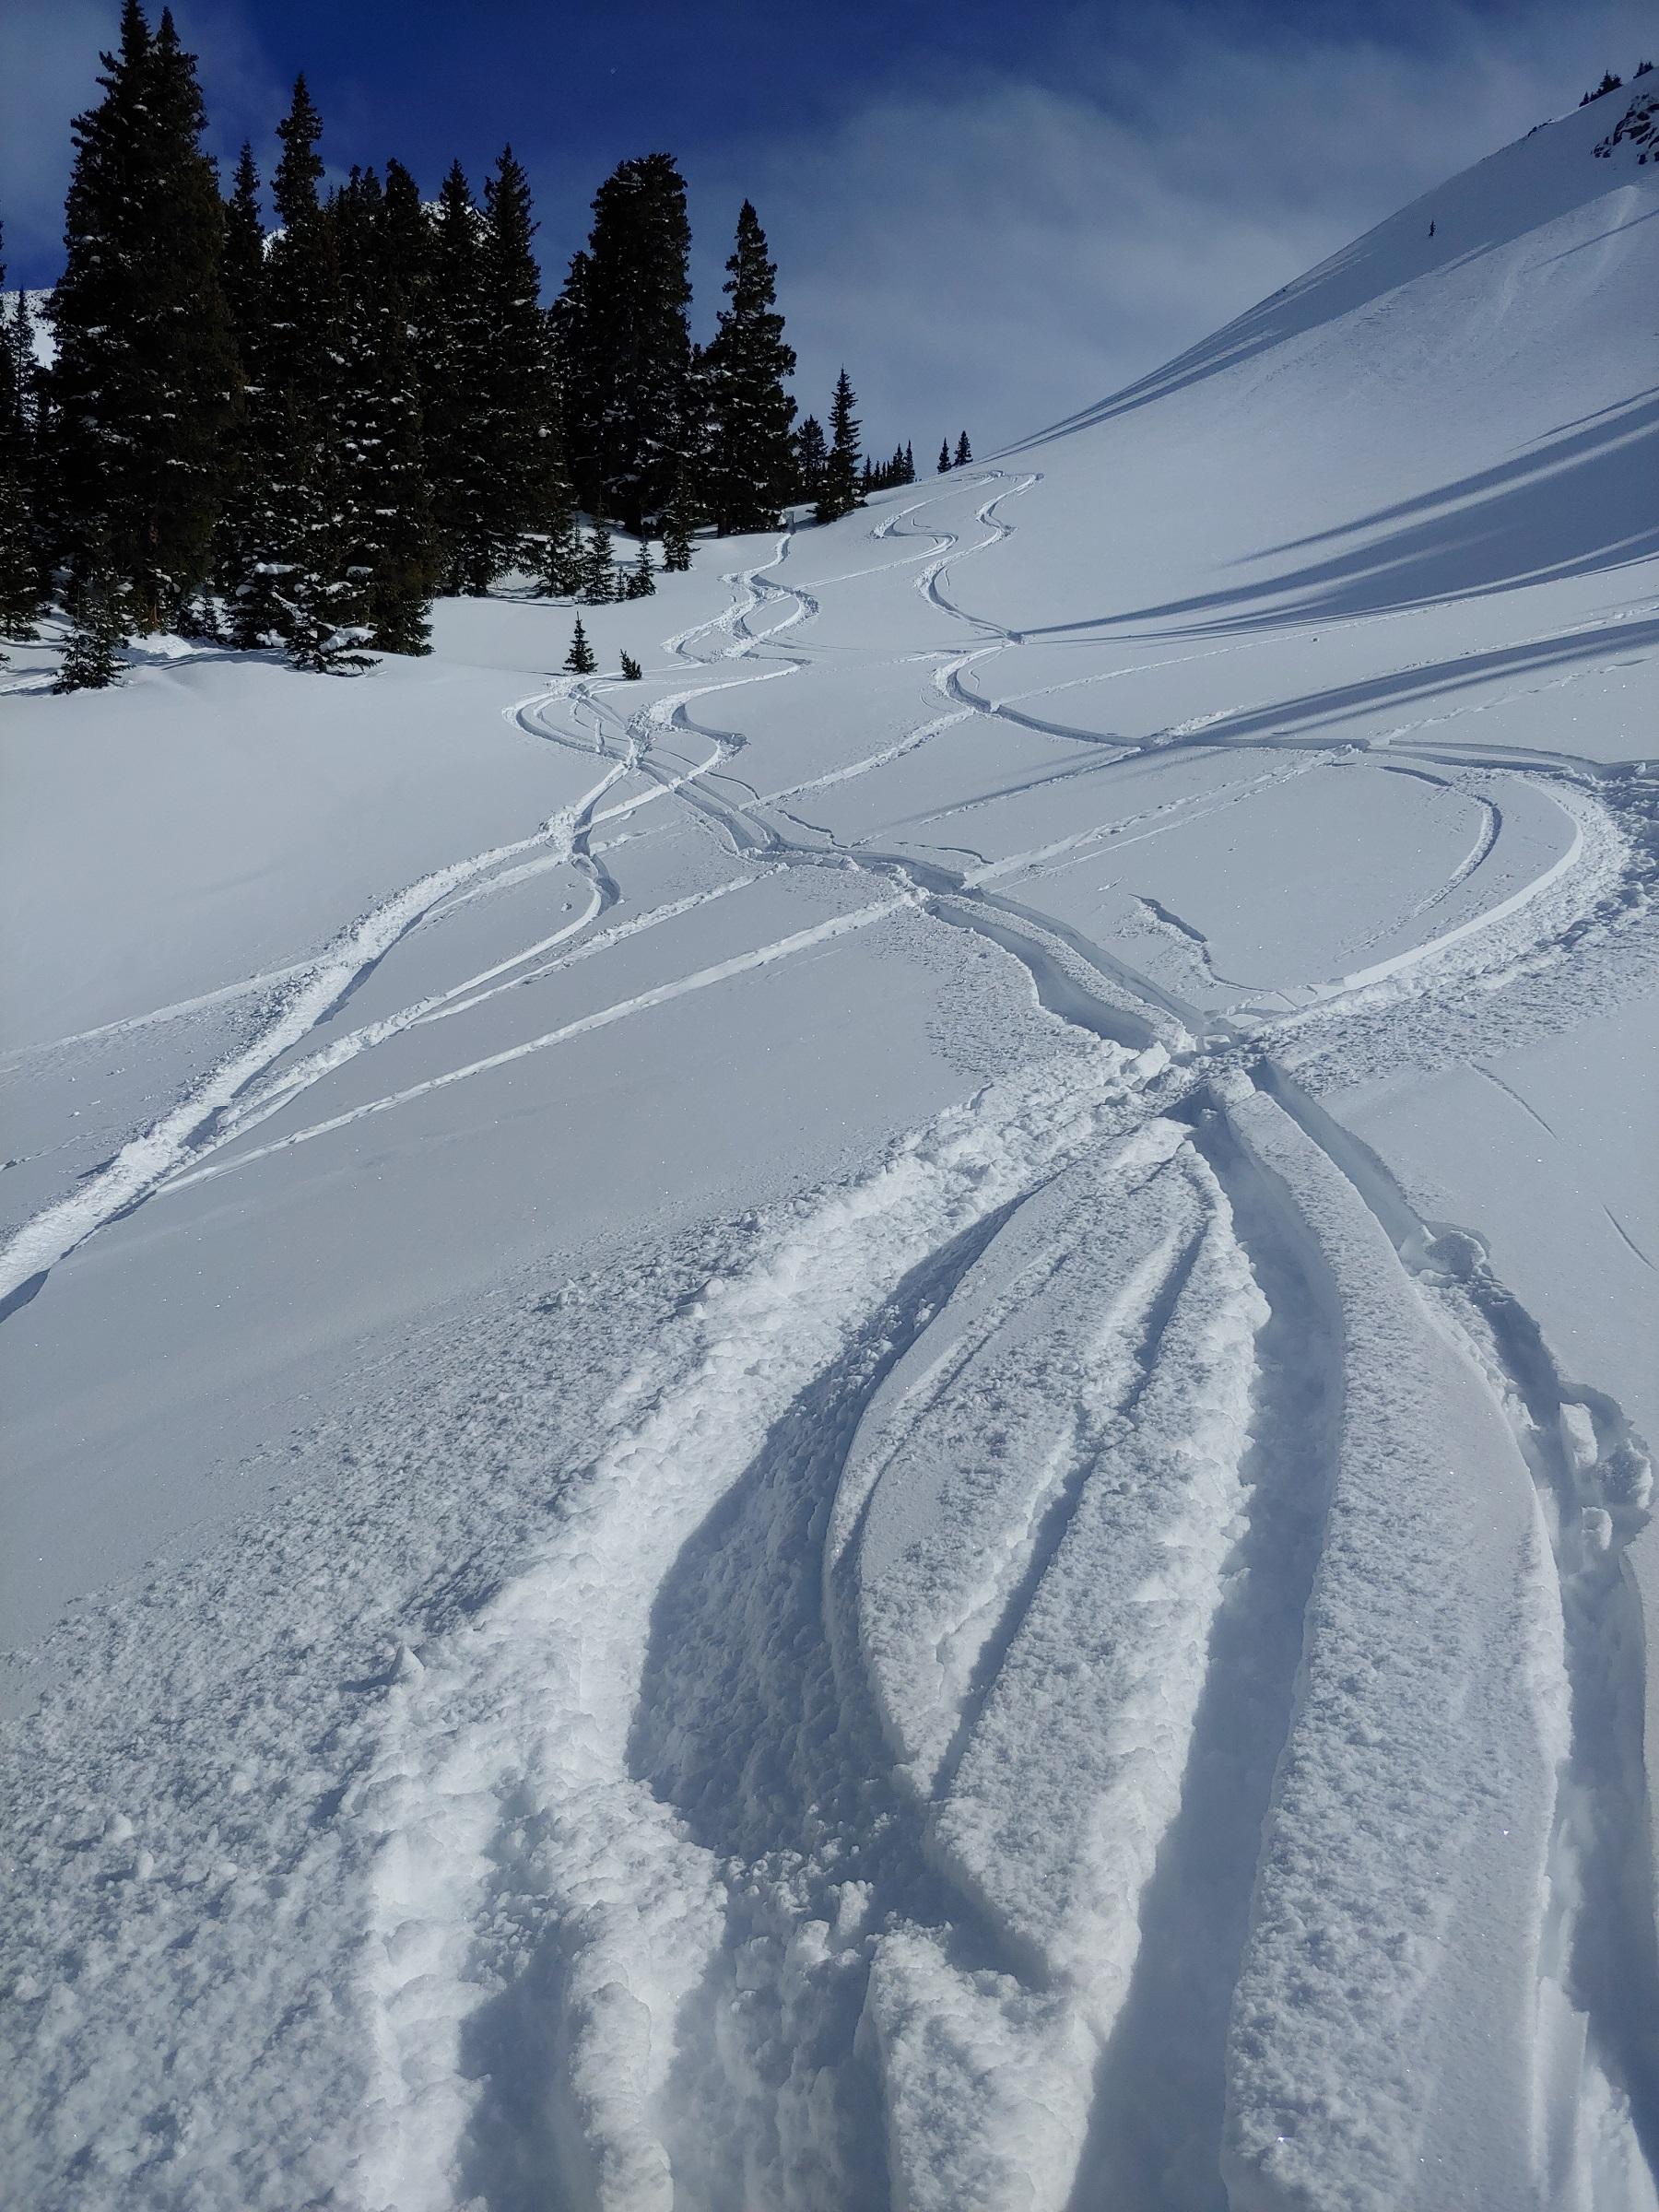 fresh ski tracks in snow